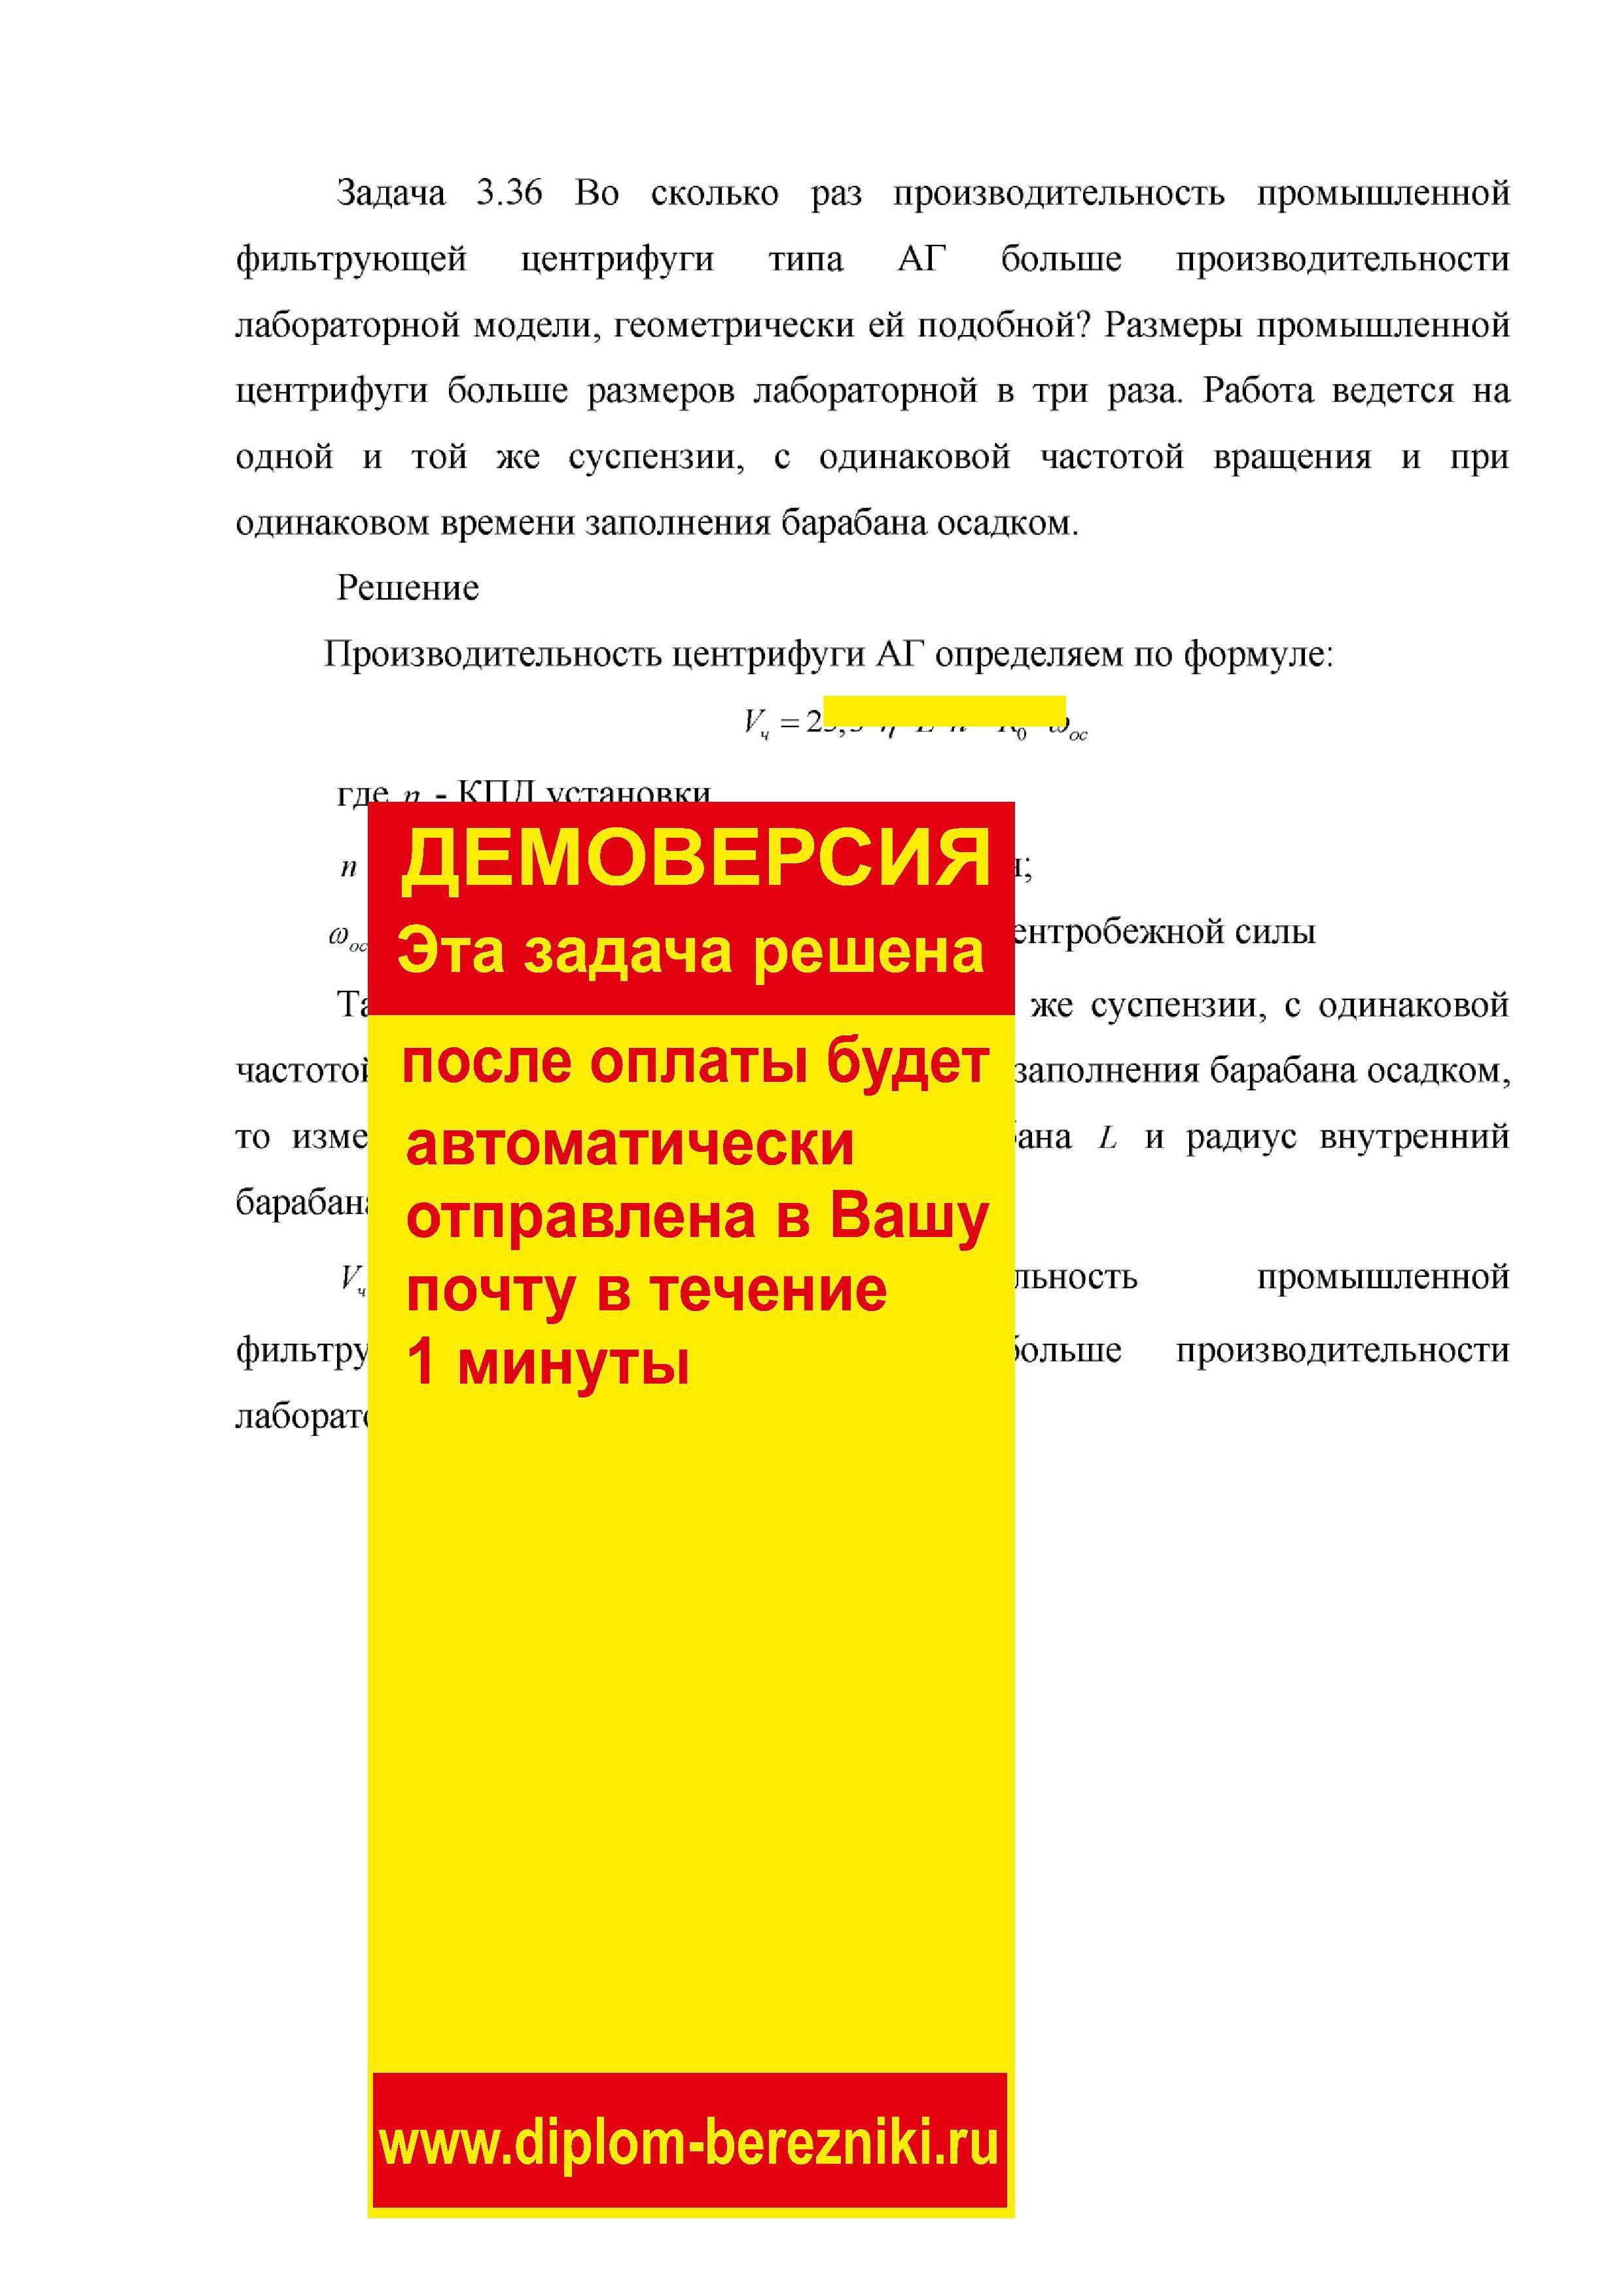 Решение задачи 3.36 по ПАХТ из задачника Павлова Романкова Носкова